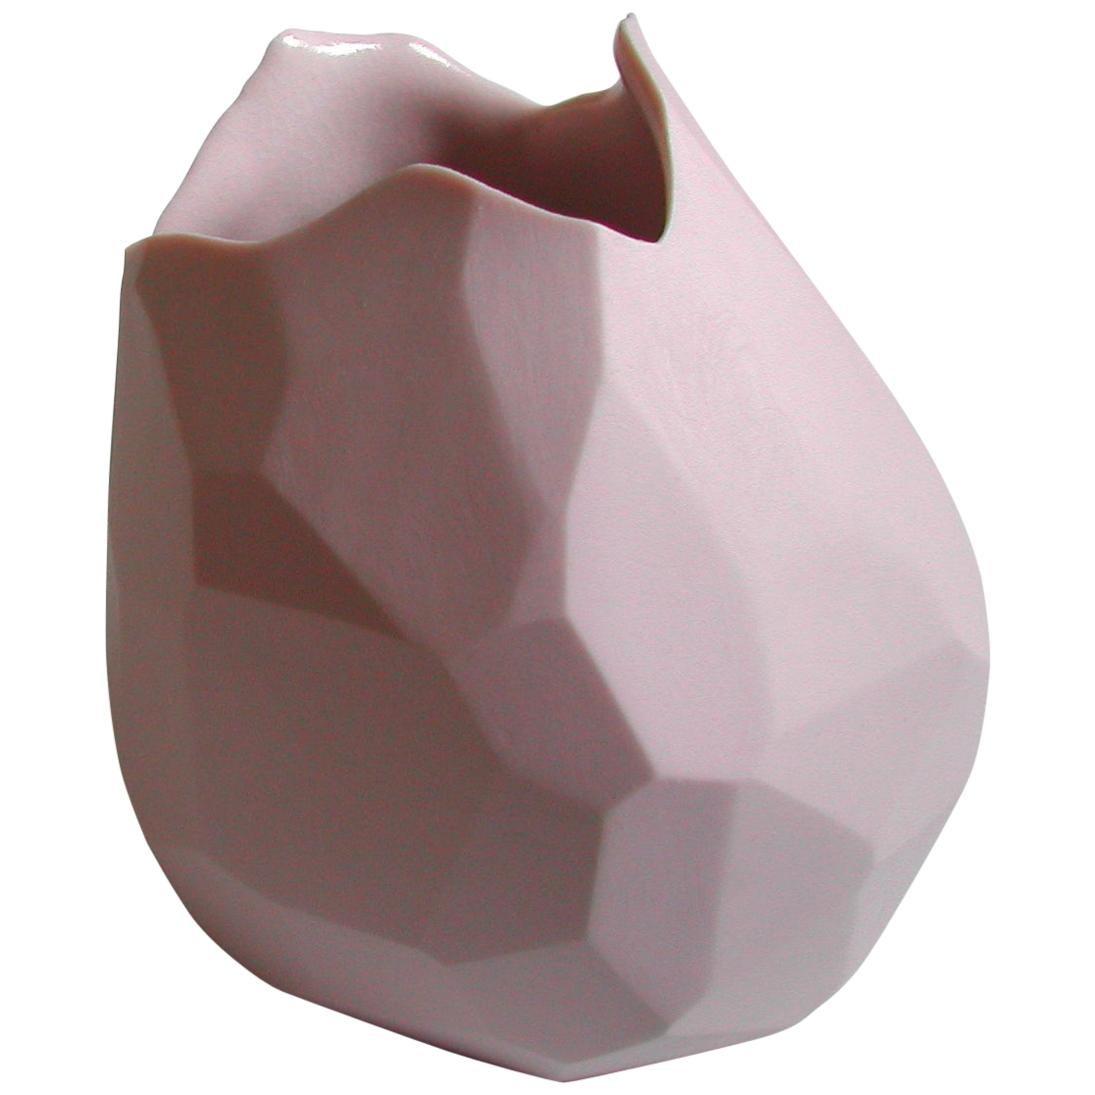 Facet Vase in Pink Porcelain by David Wiseman, 2010